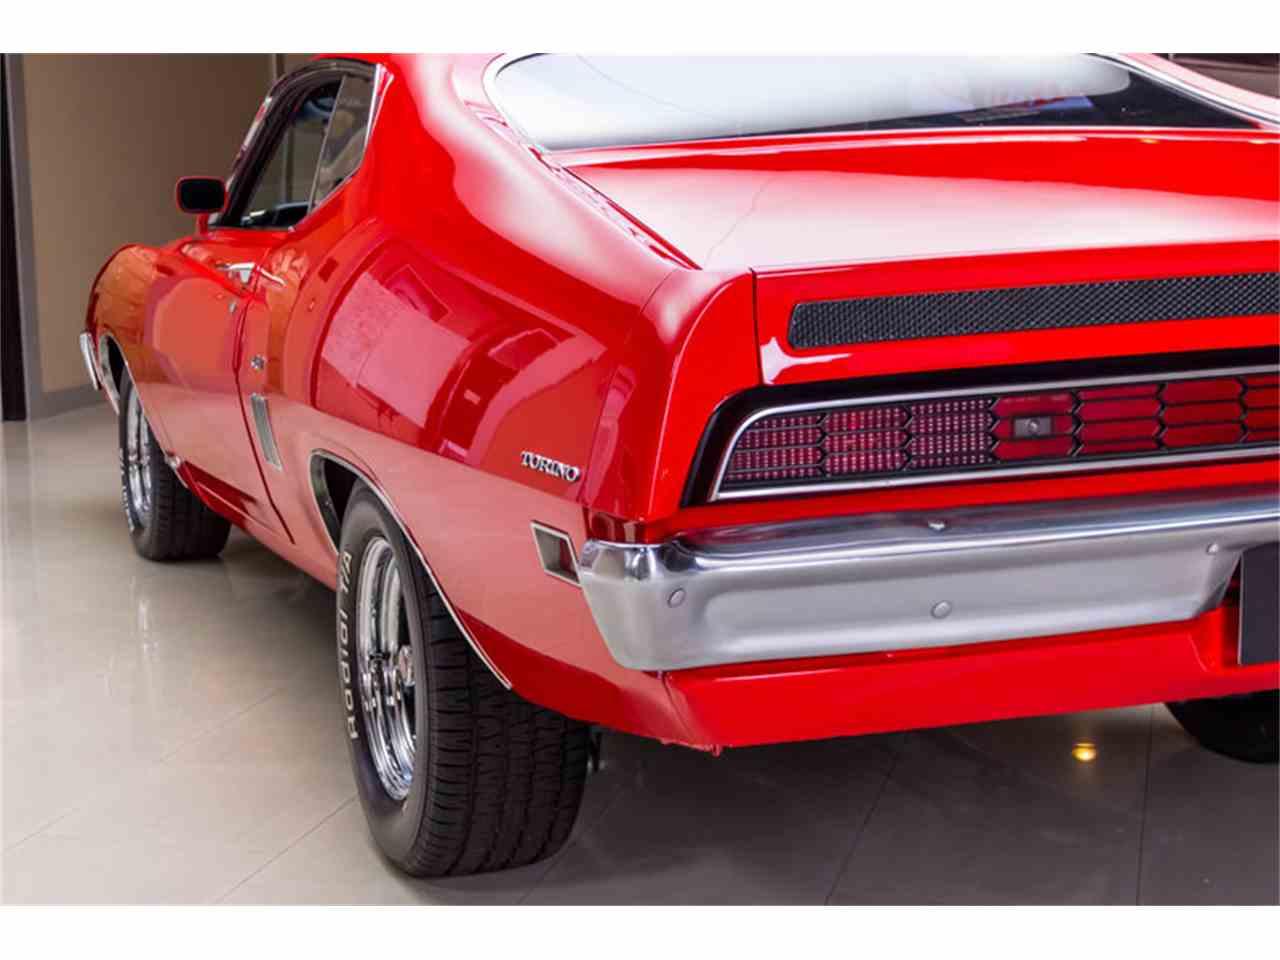 1970 Ford Torino For Sale Classiccars Com Cc 741972